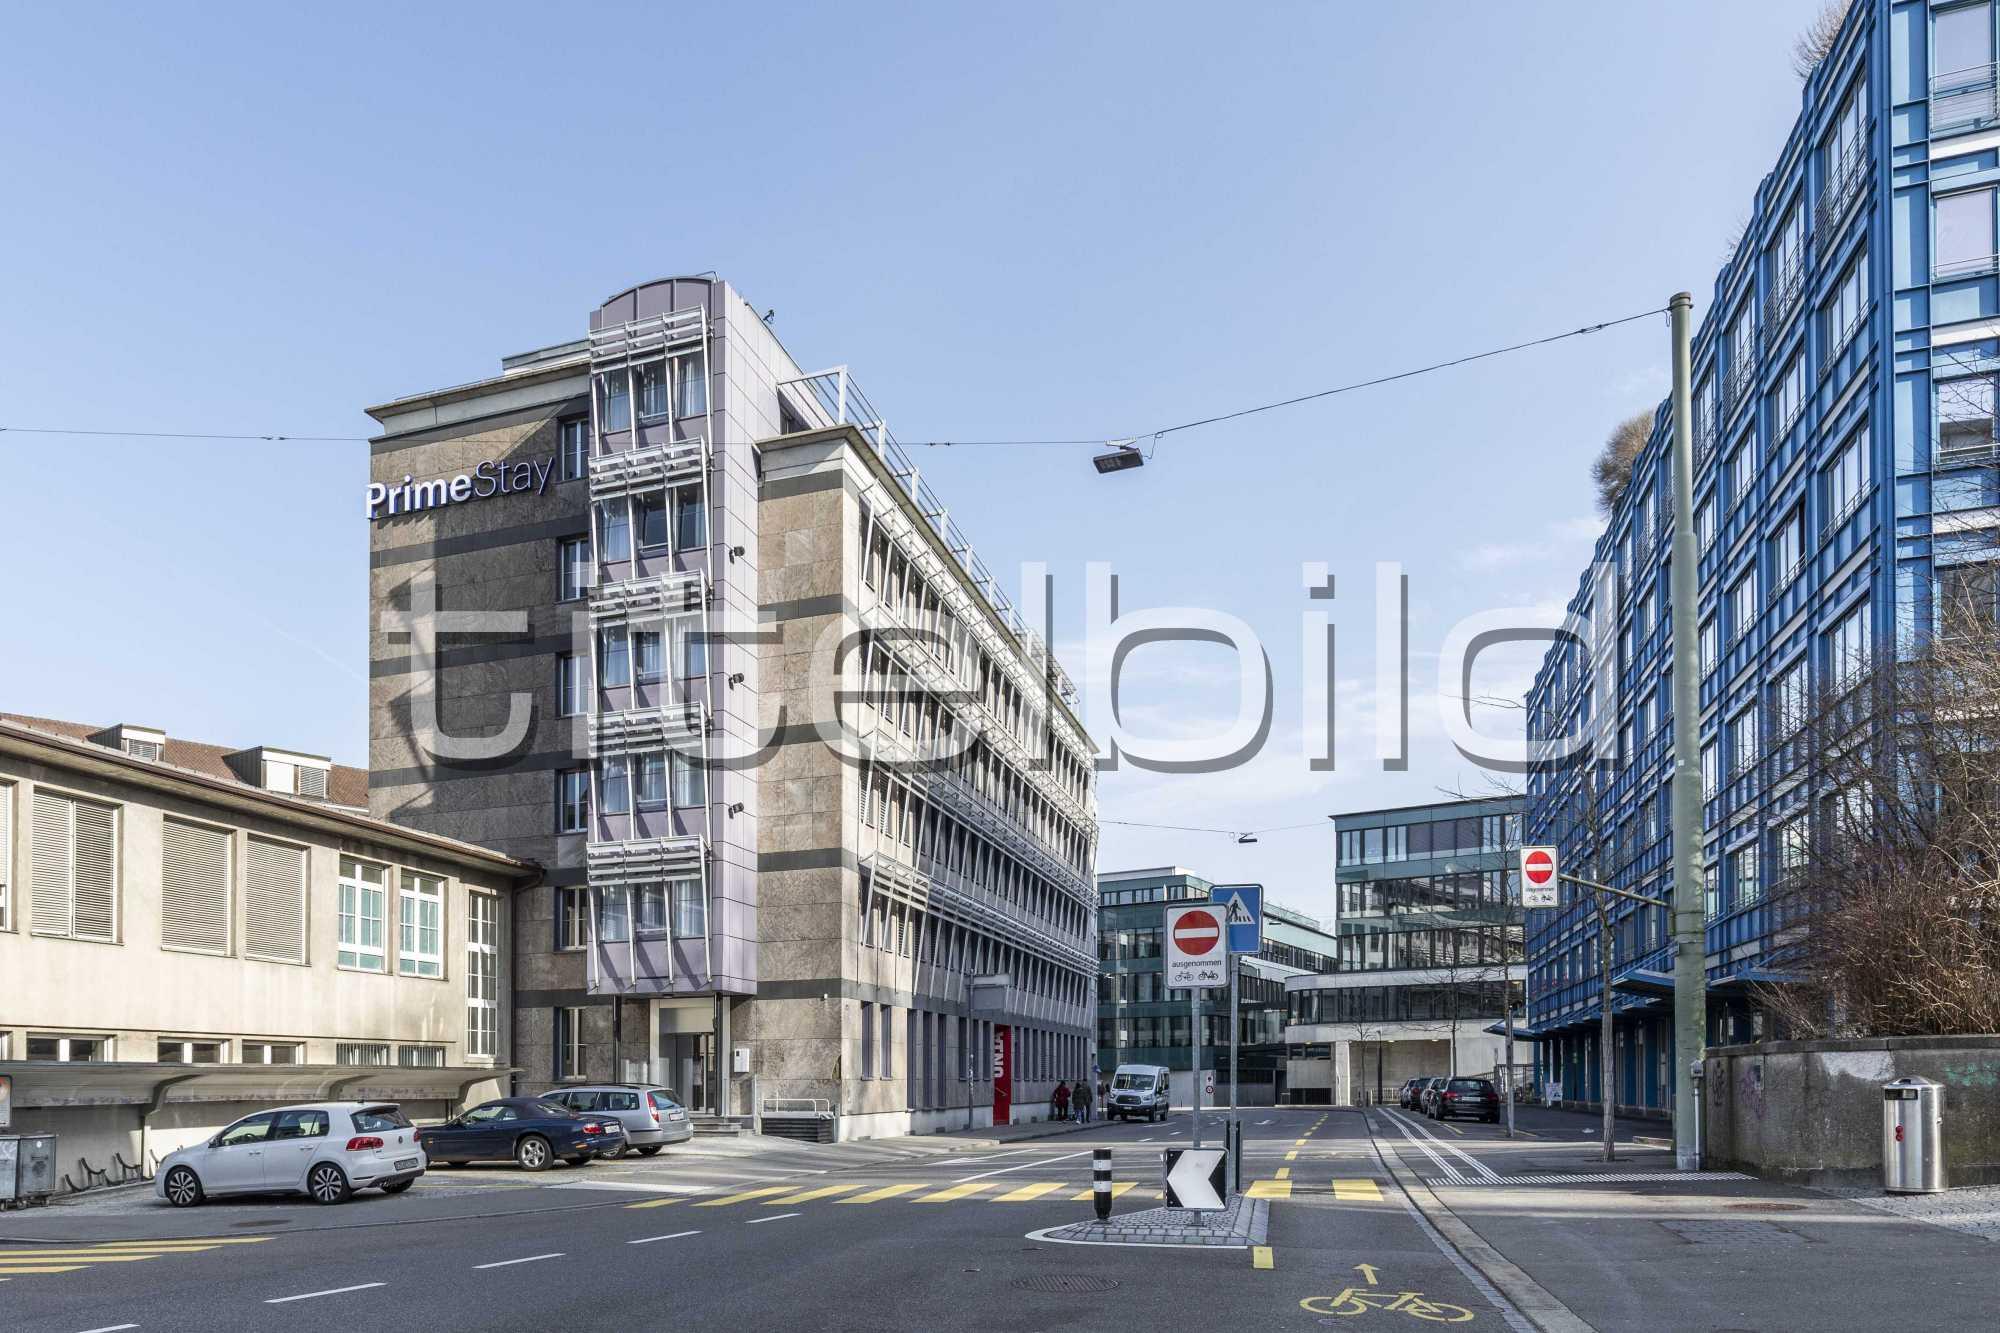 Projektbild-Nr. 4: GH Lagerhausstrasse 6, 8400 Winterthur